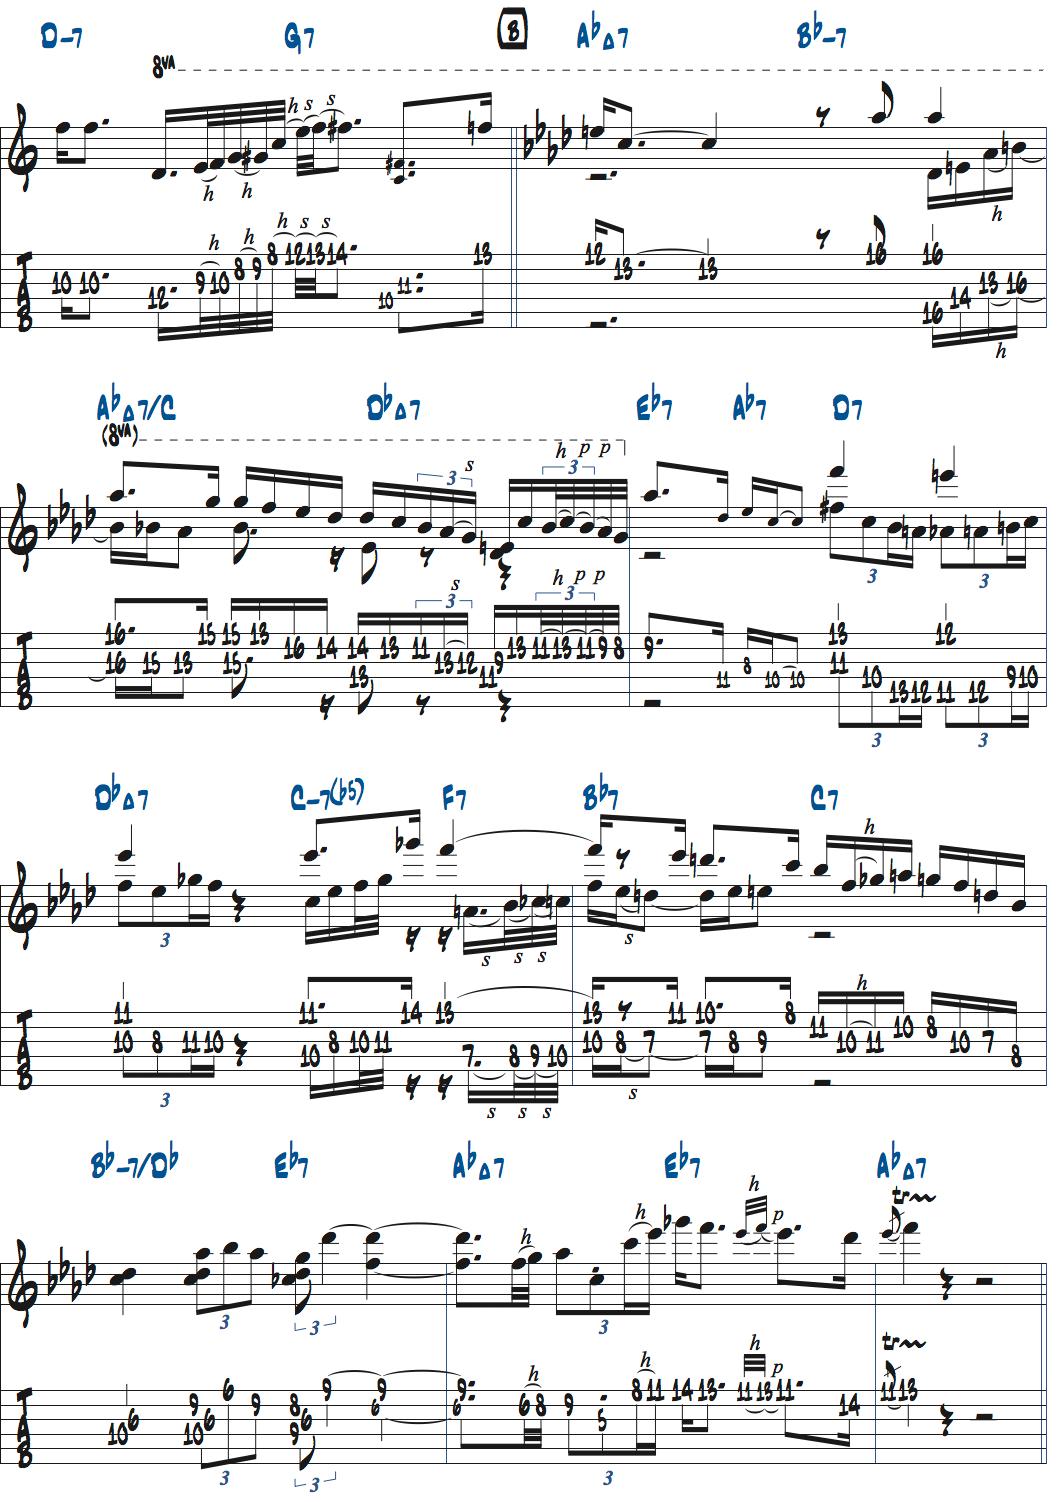 ギラッド・ヘクセルマンのSkylarkアドリブ・1コーラス目楽譜ページ2